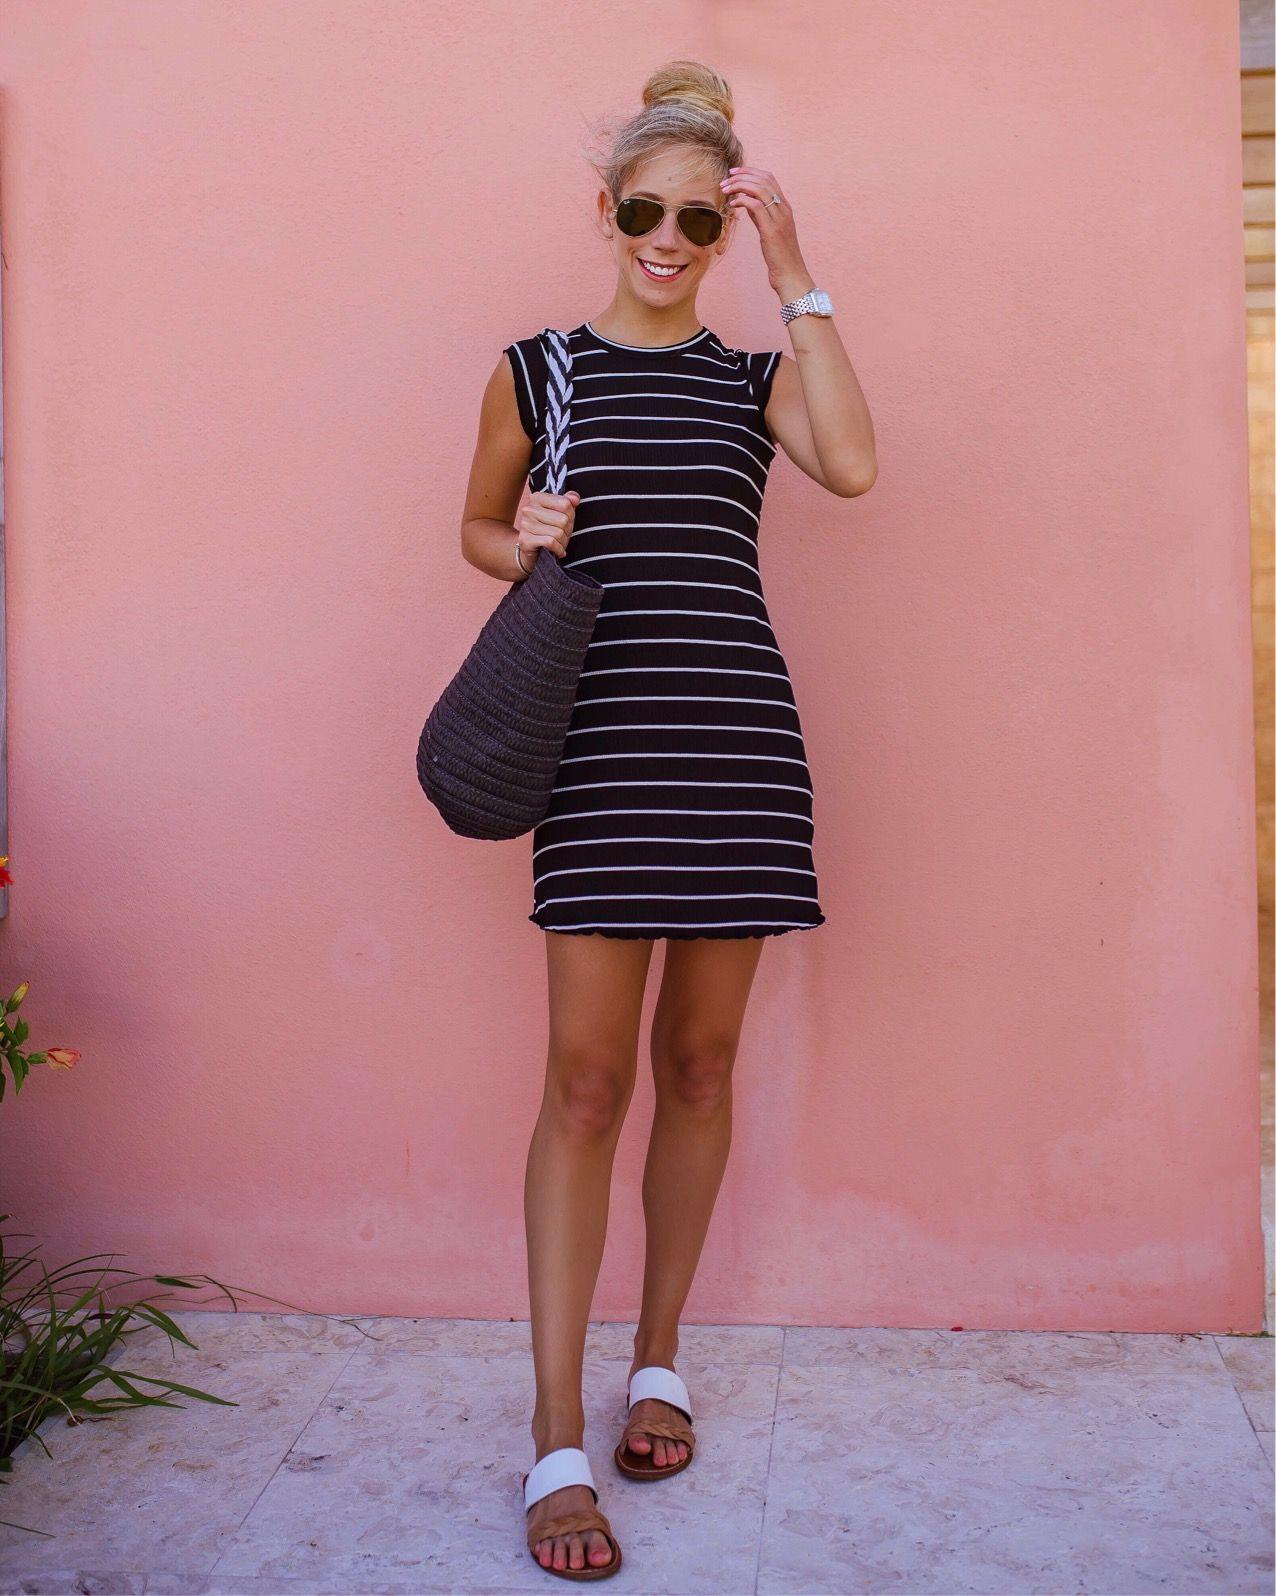 Bermuda Photo Diary + Hamilton Princess & Beach Club